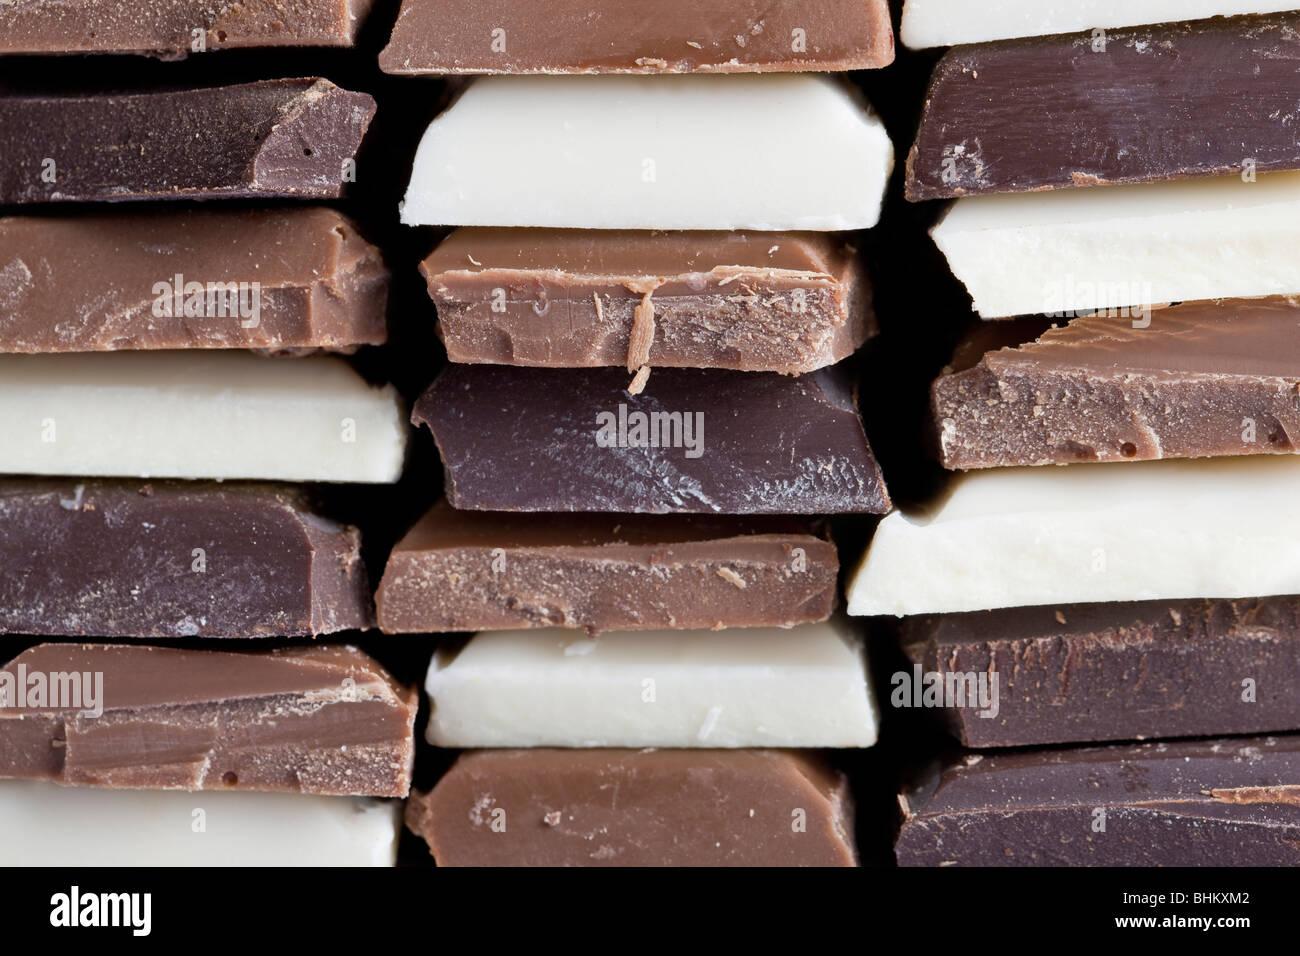 Molti sapori di cioccolato impilati Immagini Stock